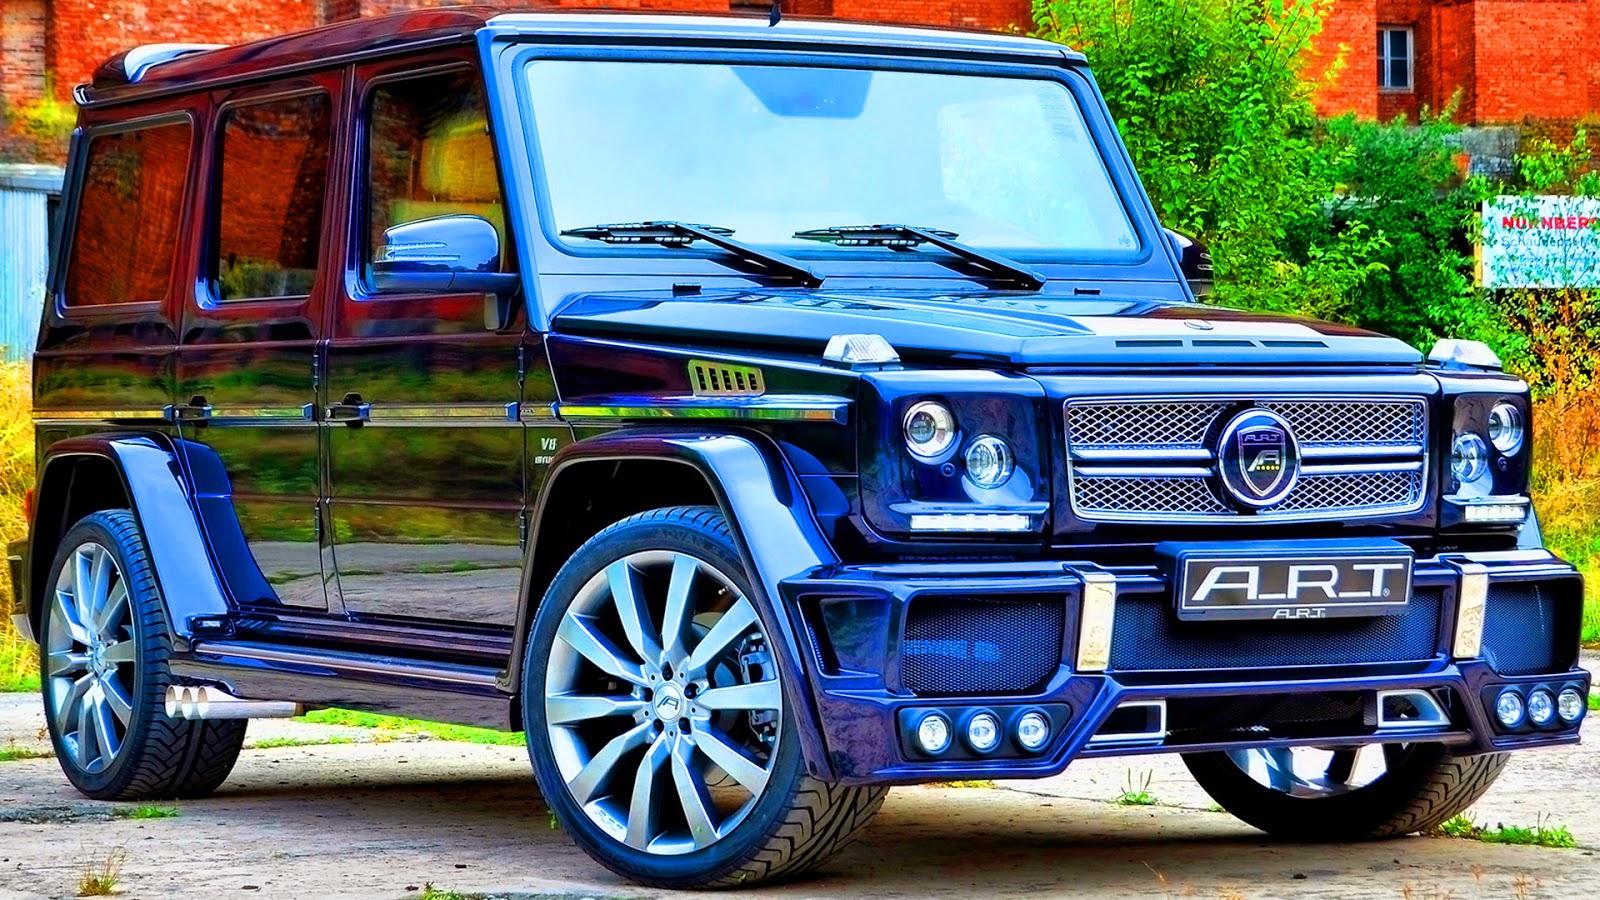 01ART Mercedes-Benz G 55 AMG Streetline 65 2014 aro 23 V8 Compressor 800 cv